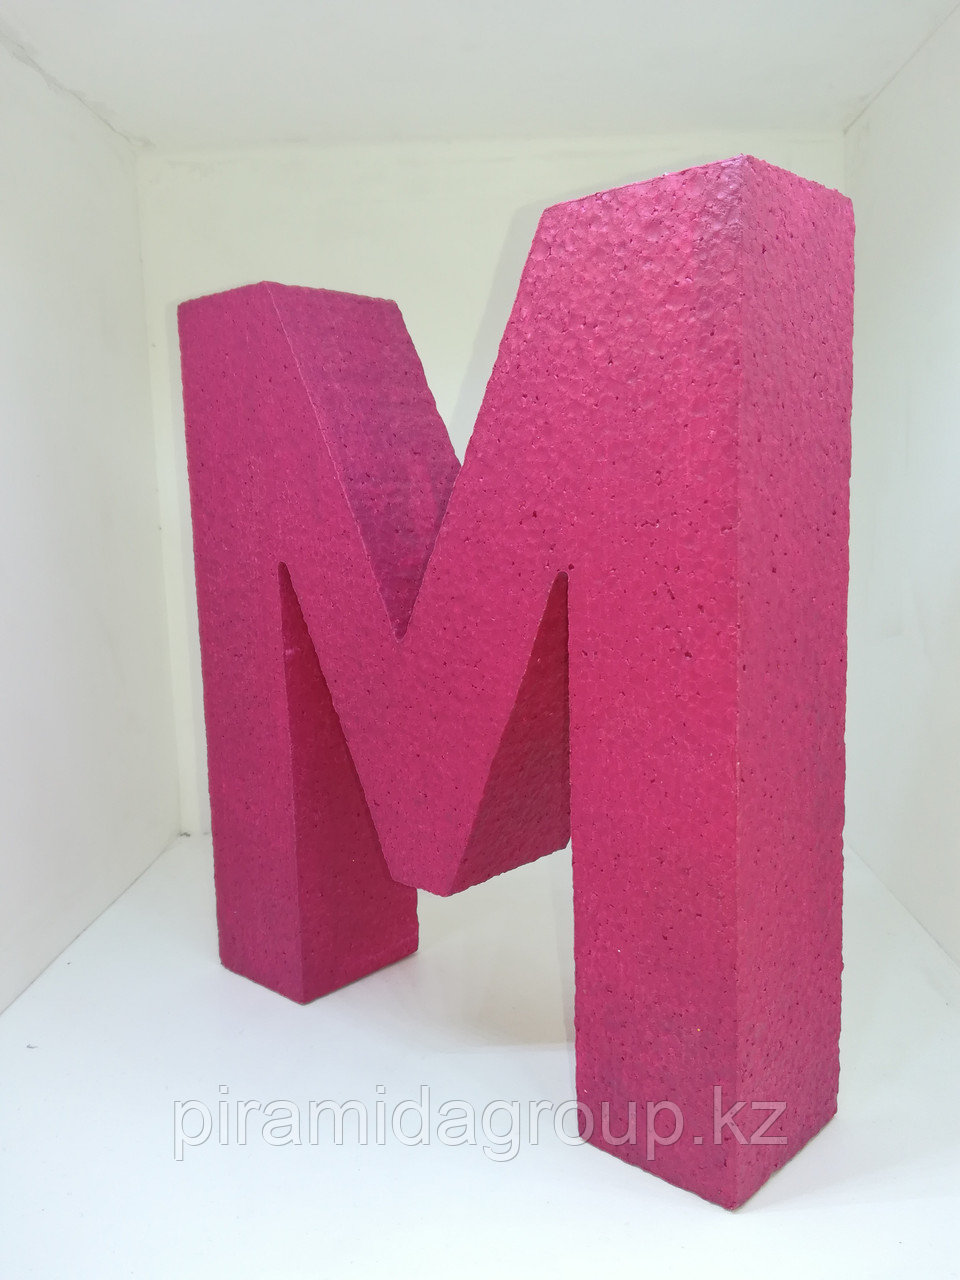 Объемные фигуры и буквы из пенопласта по индивидуальным размерам